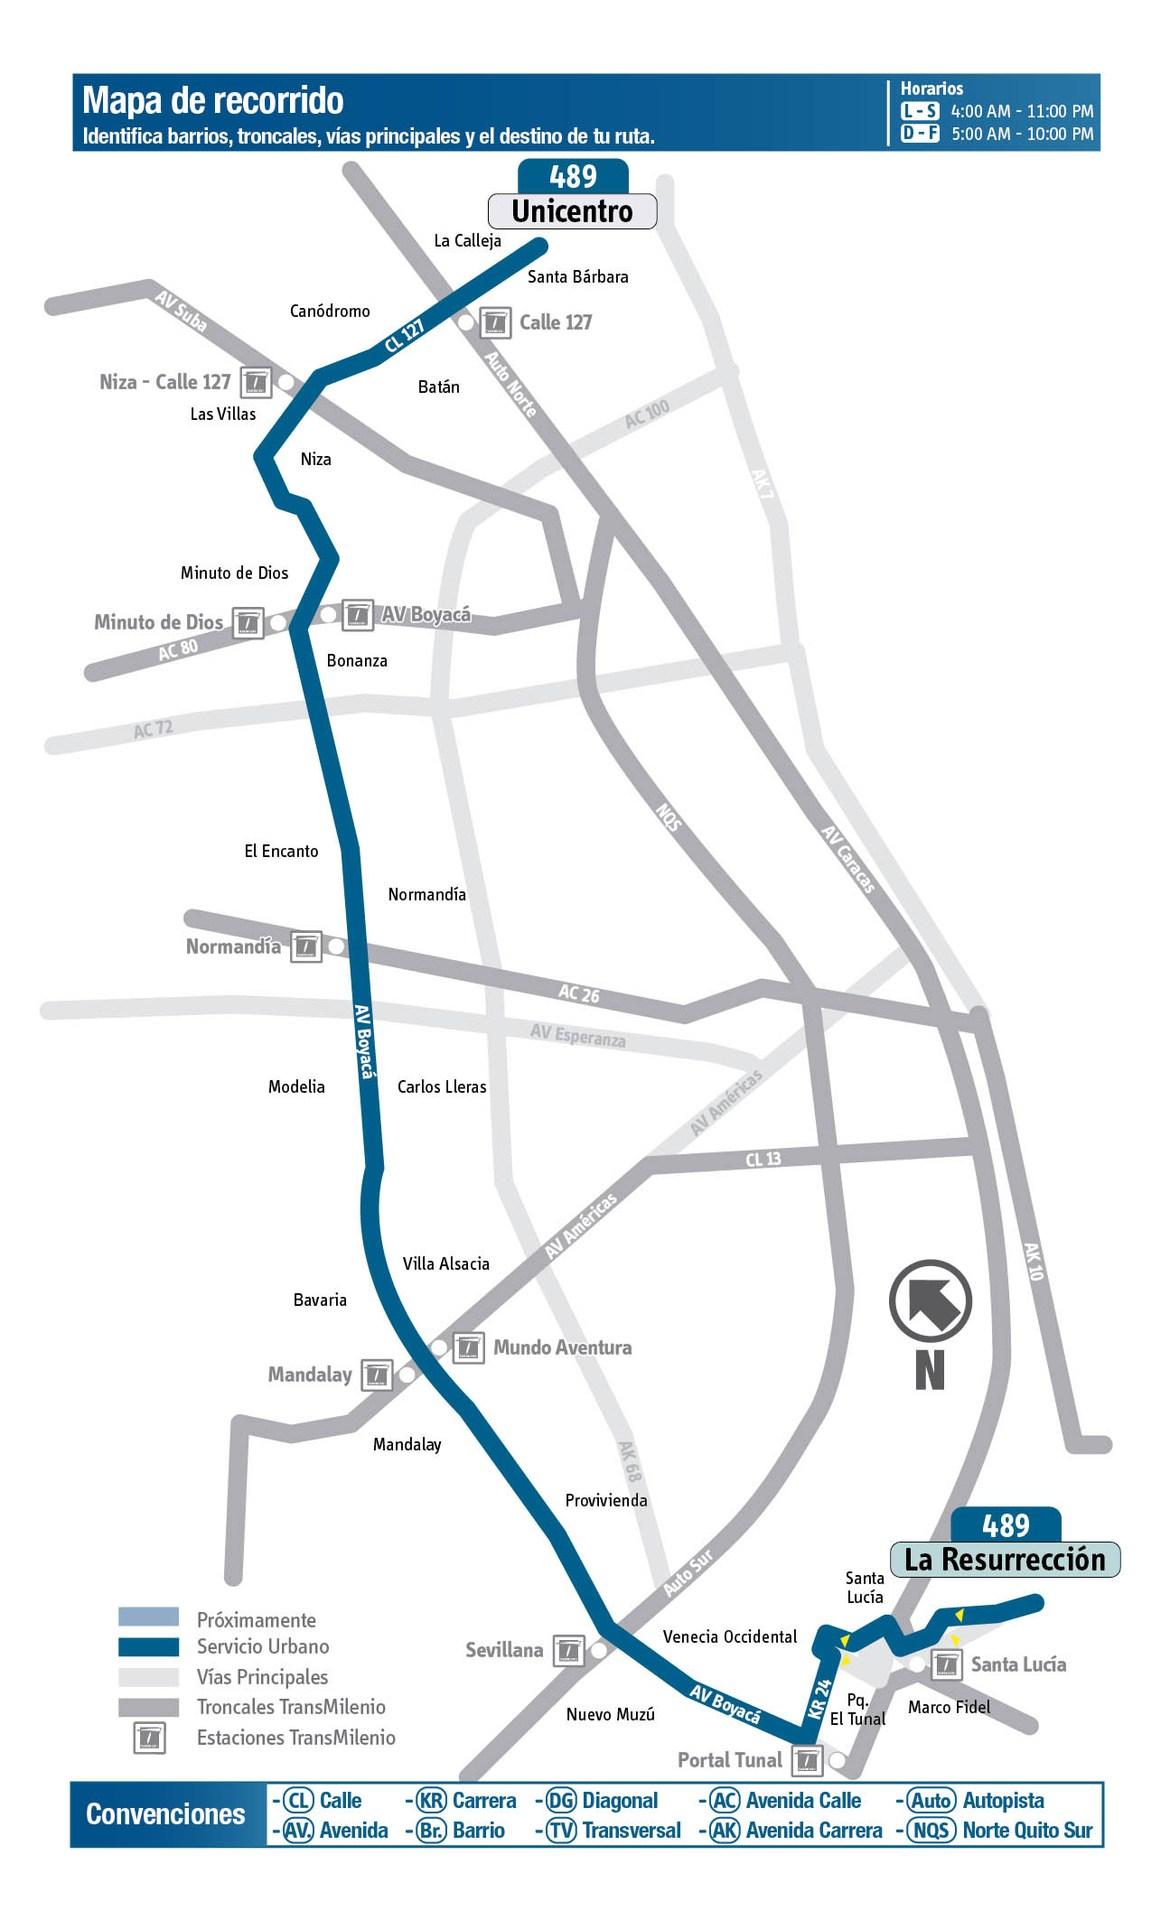 Ruta SITP: 489 Resurrección (Lomas) ↔ Unicentro [Urbana] 4